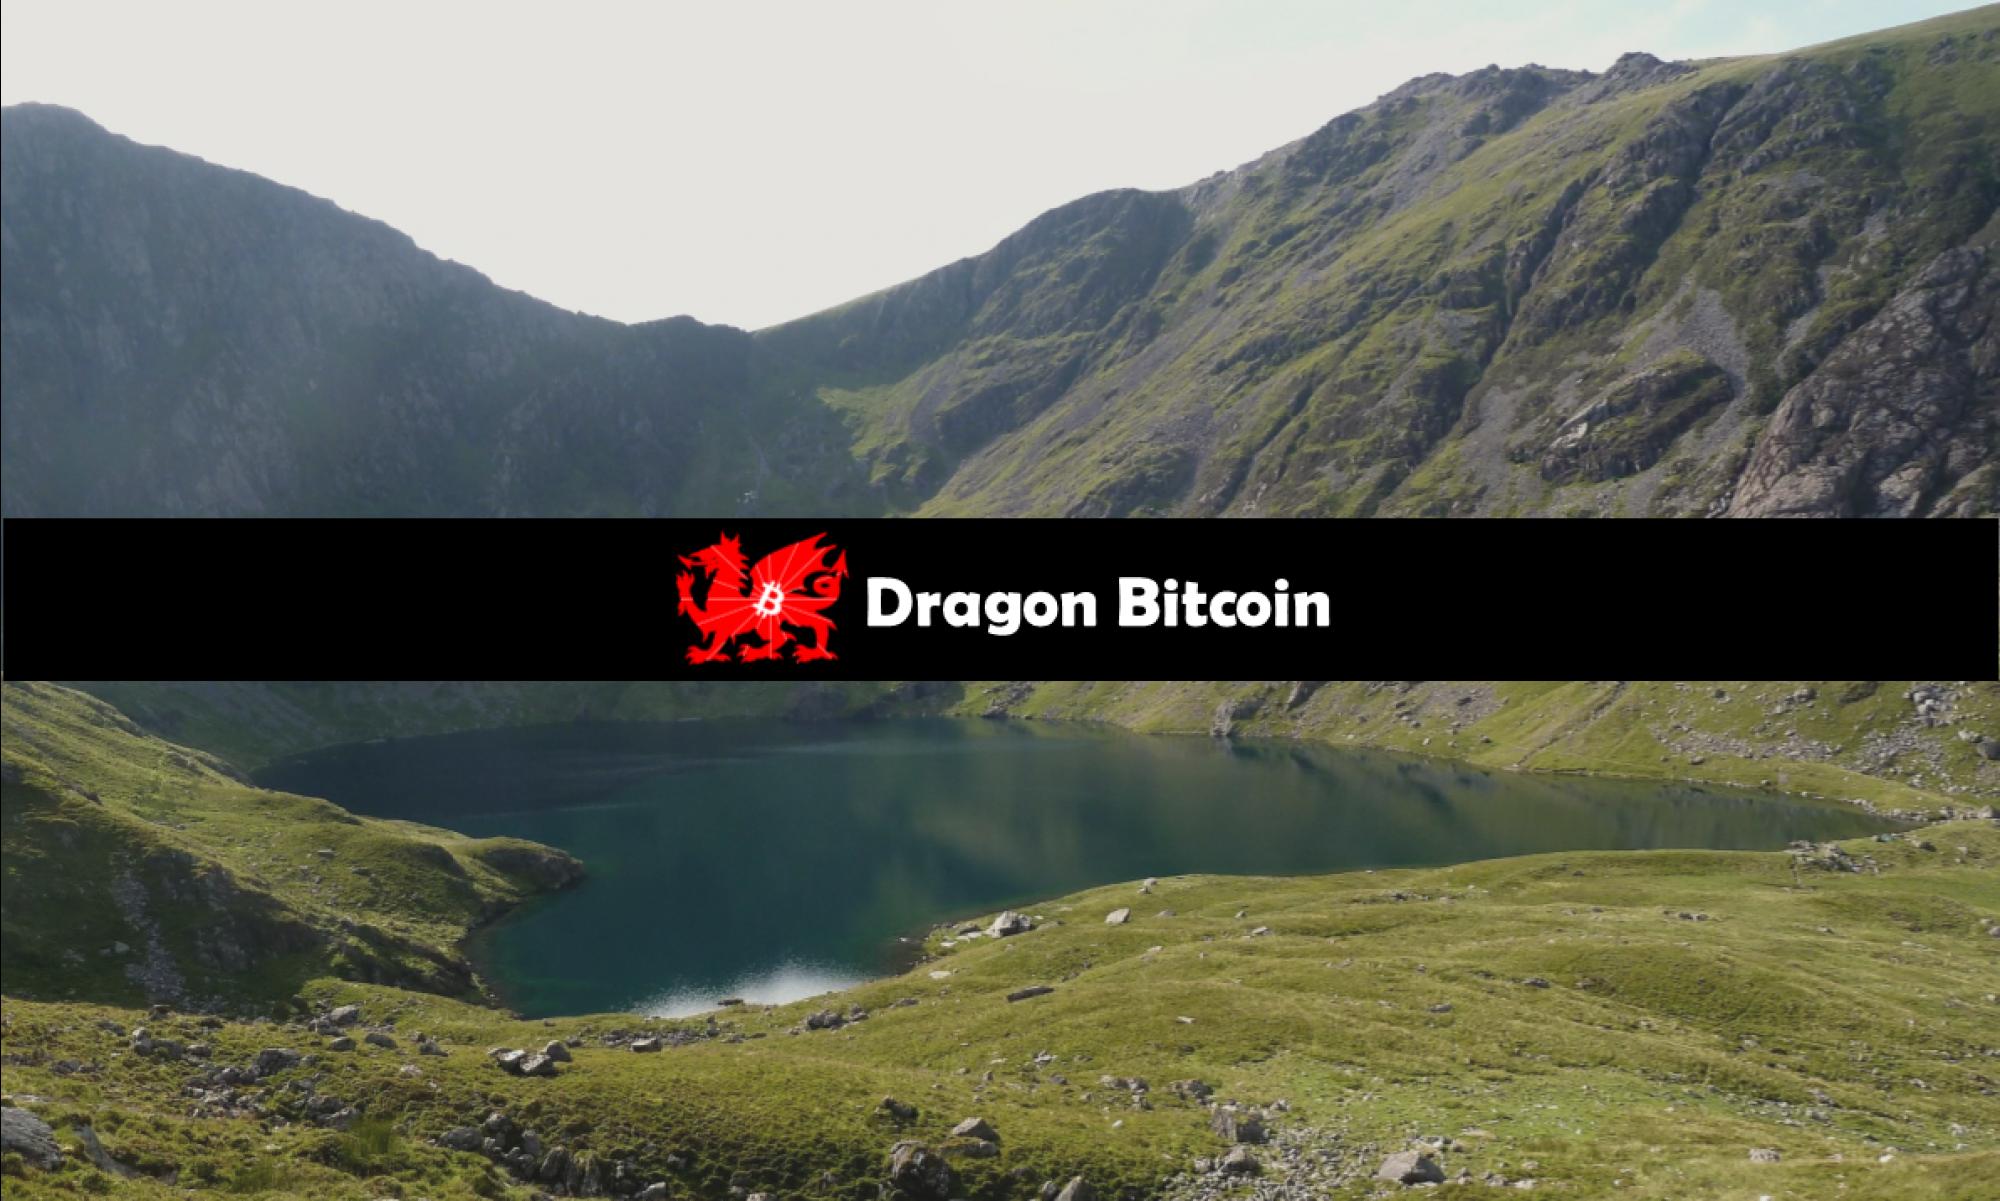 Dragon Bitcoin